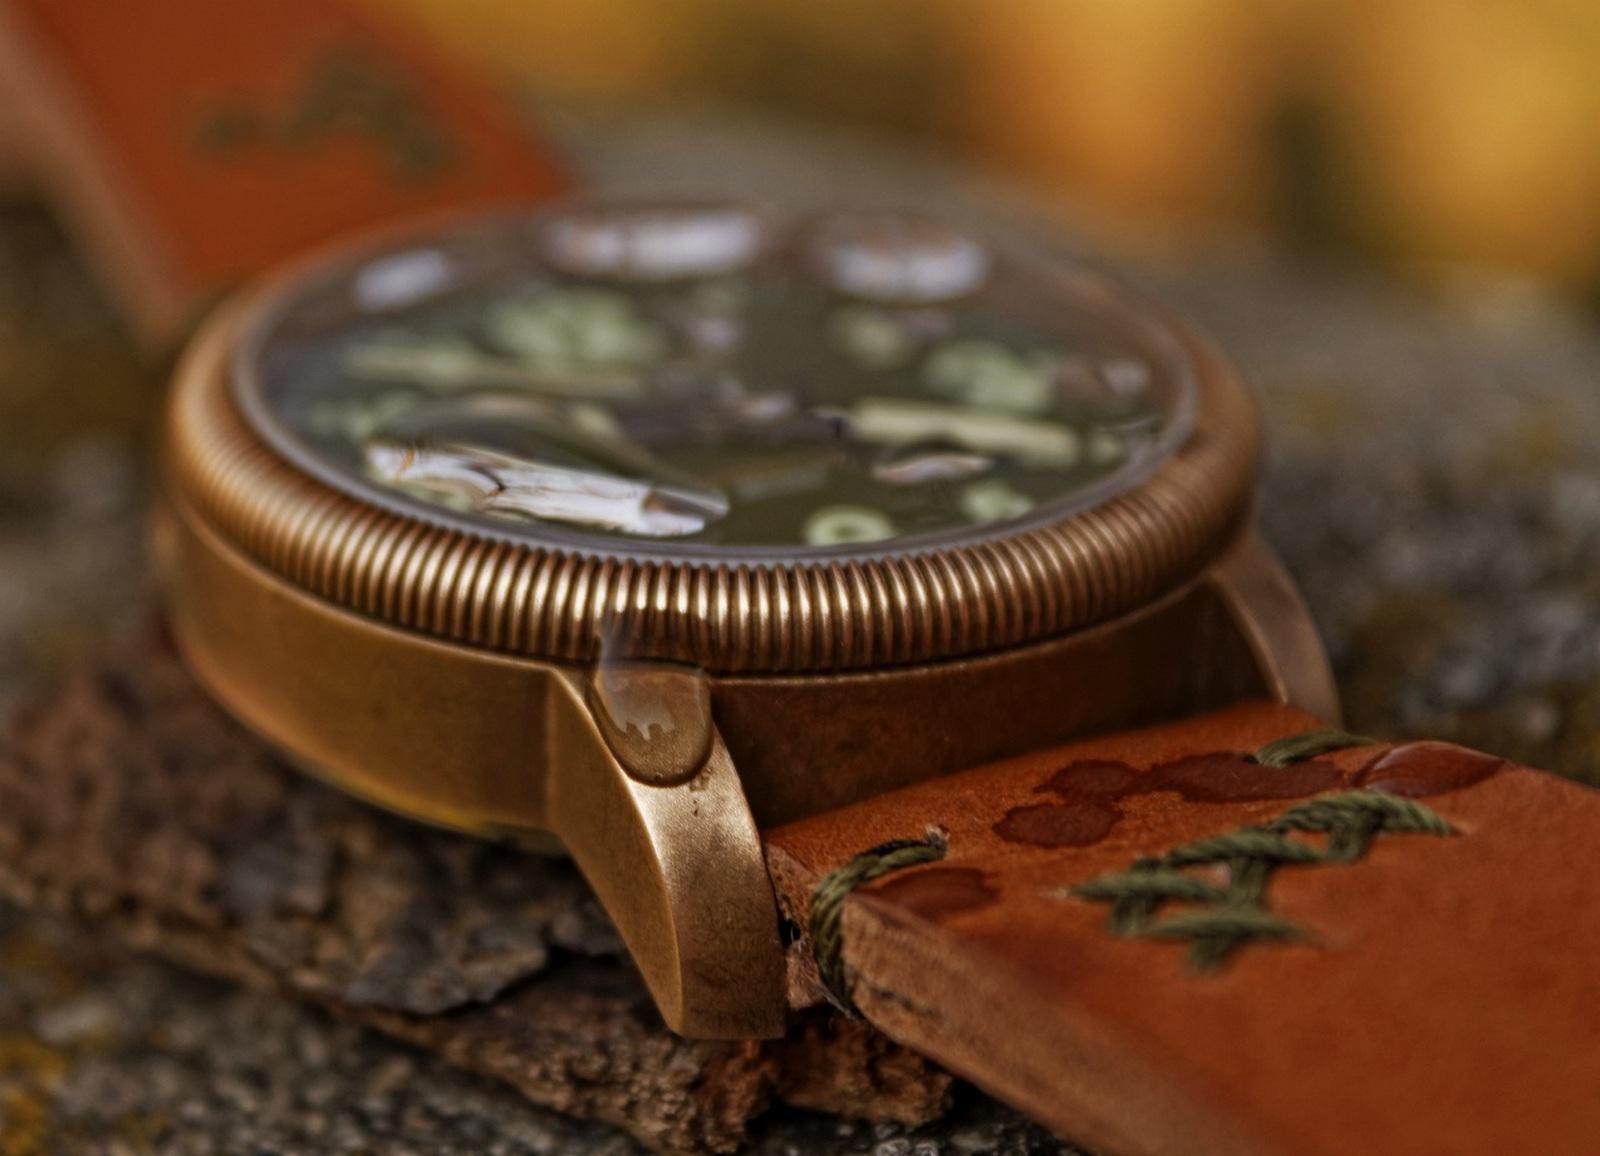 Bronzové hodinky Lum Tec B19 - matný cínový bronz – patina po jednom roce  nošení. 9a664962d4b